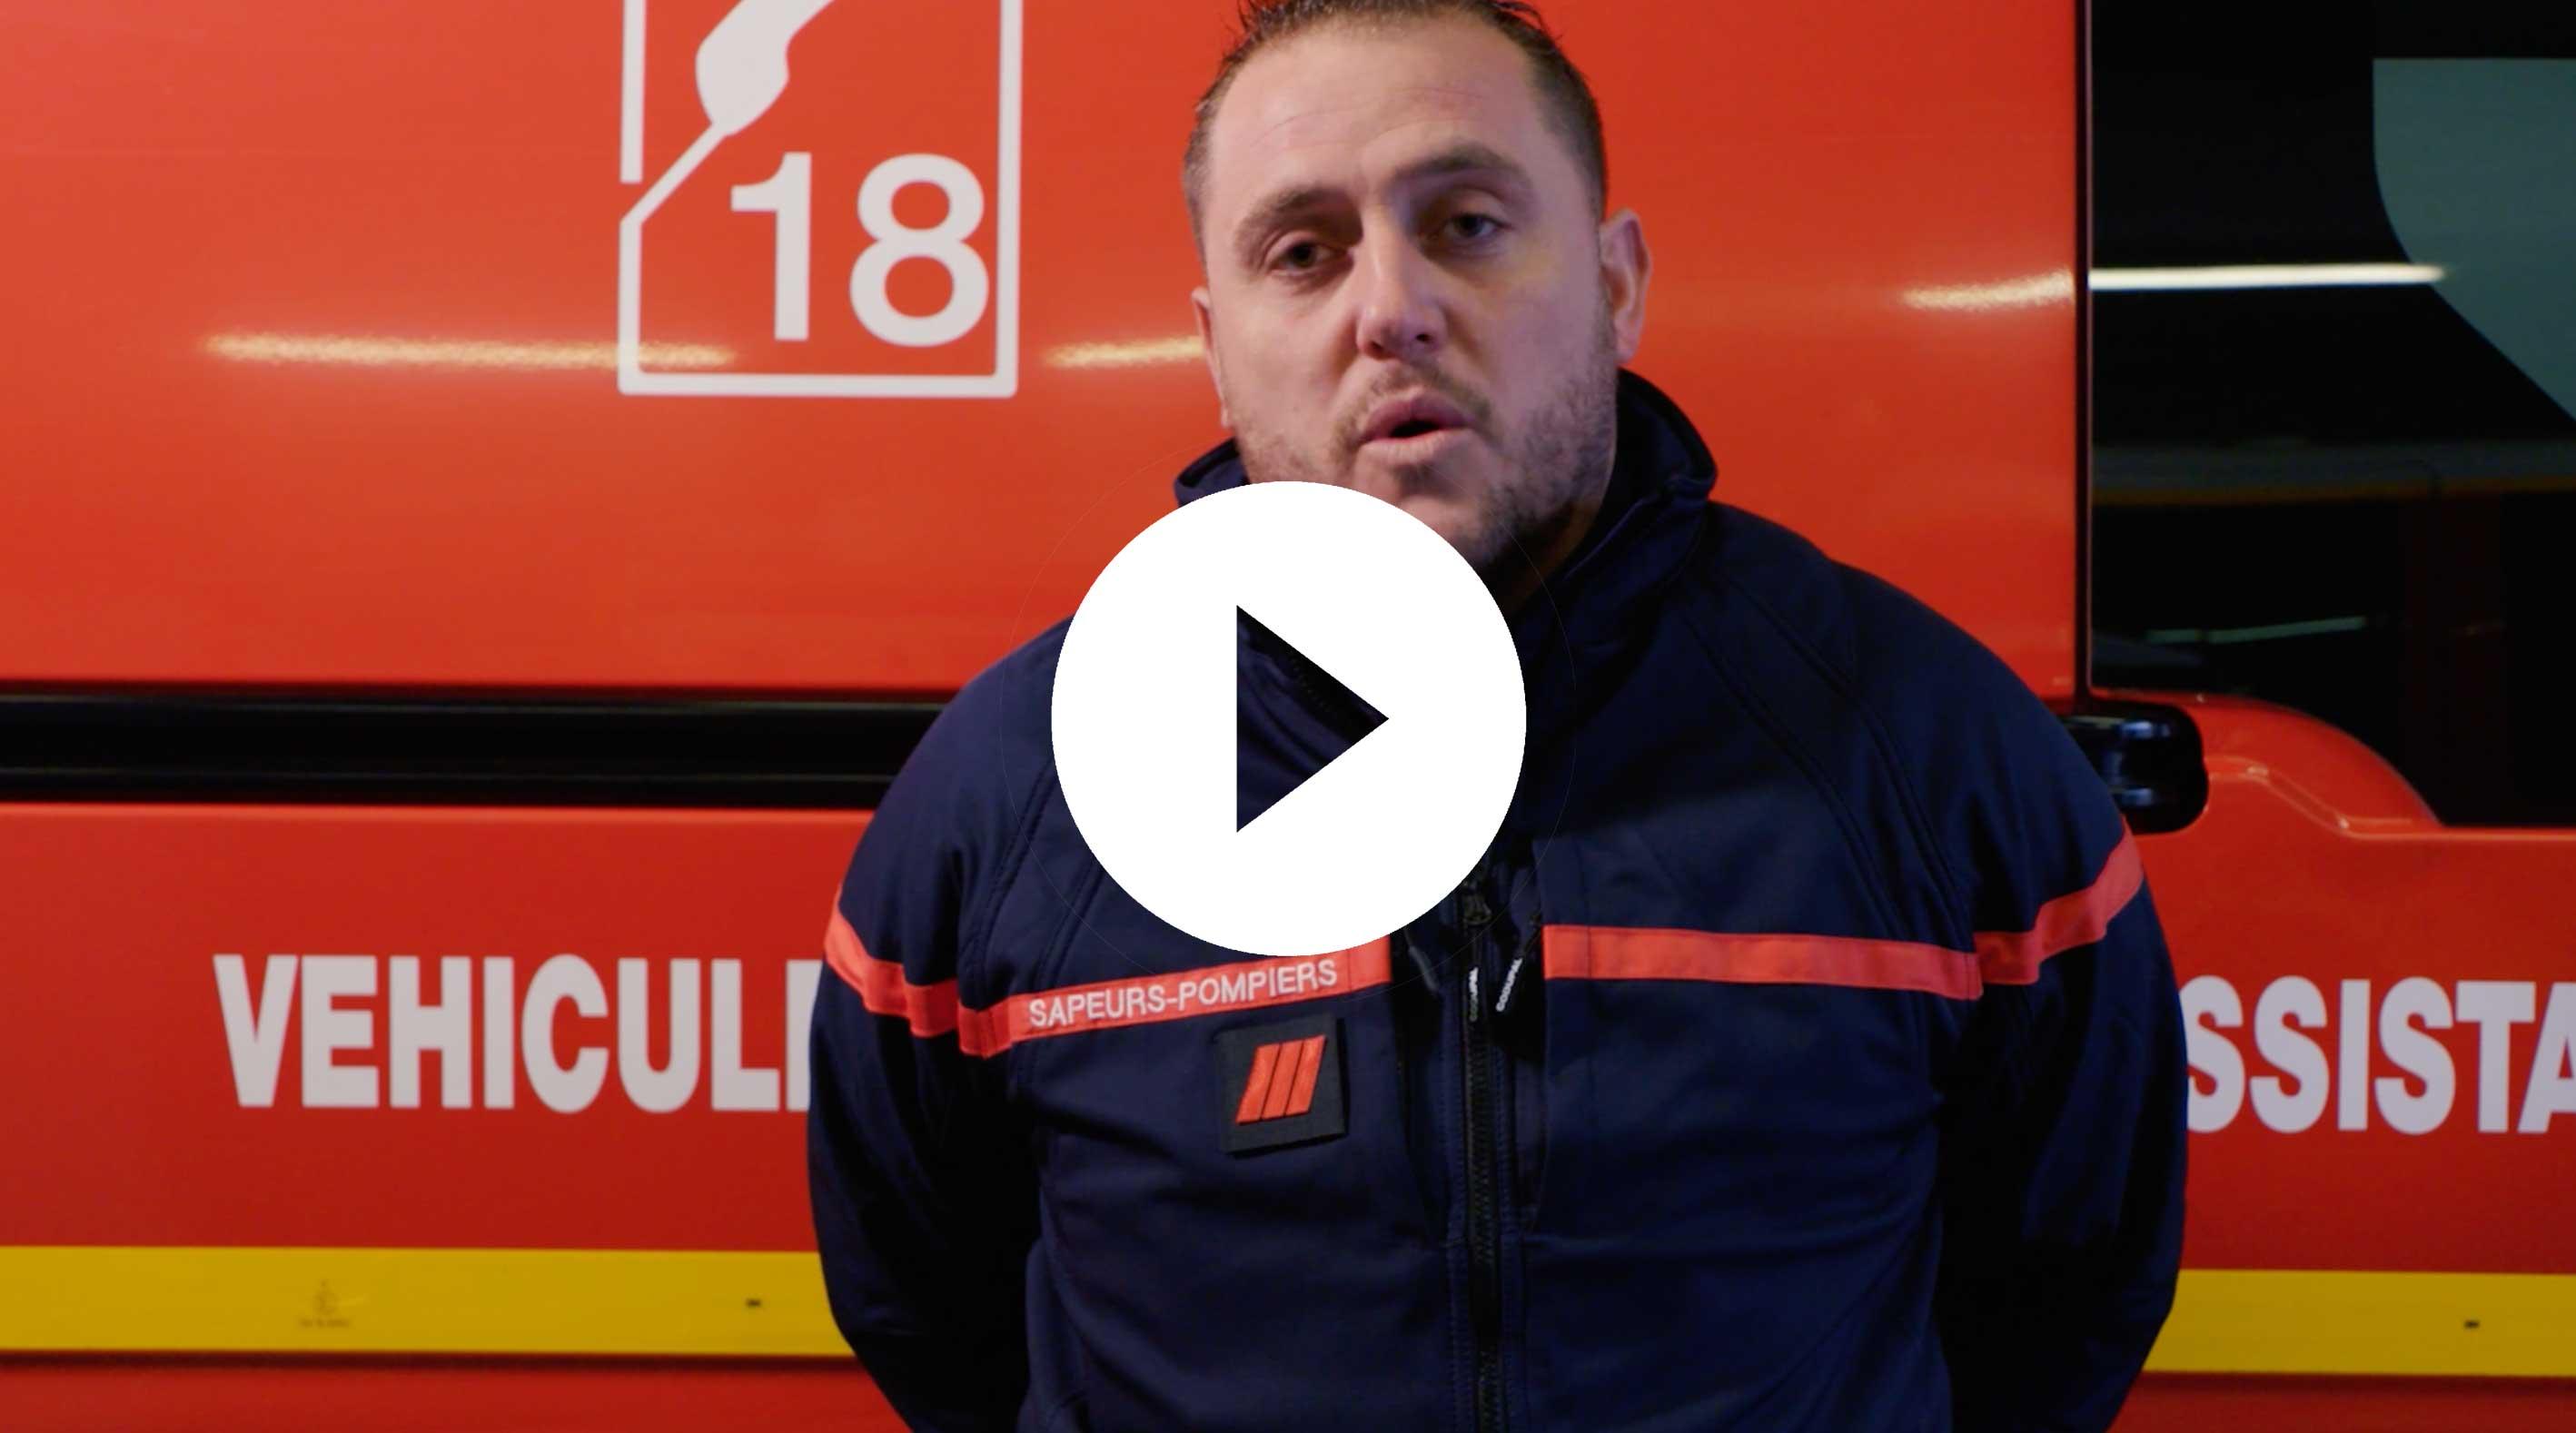 Paroles de pompiers - Gilles